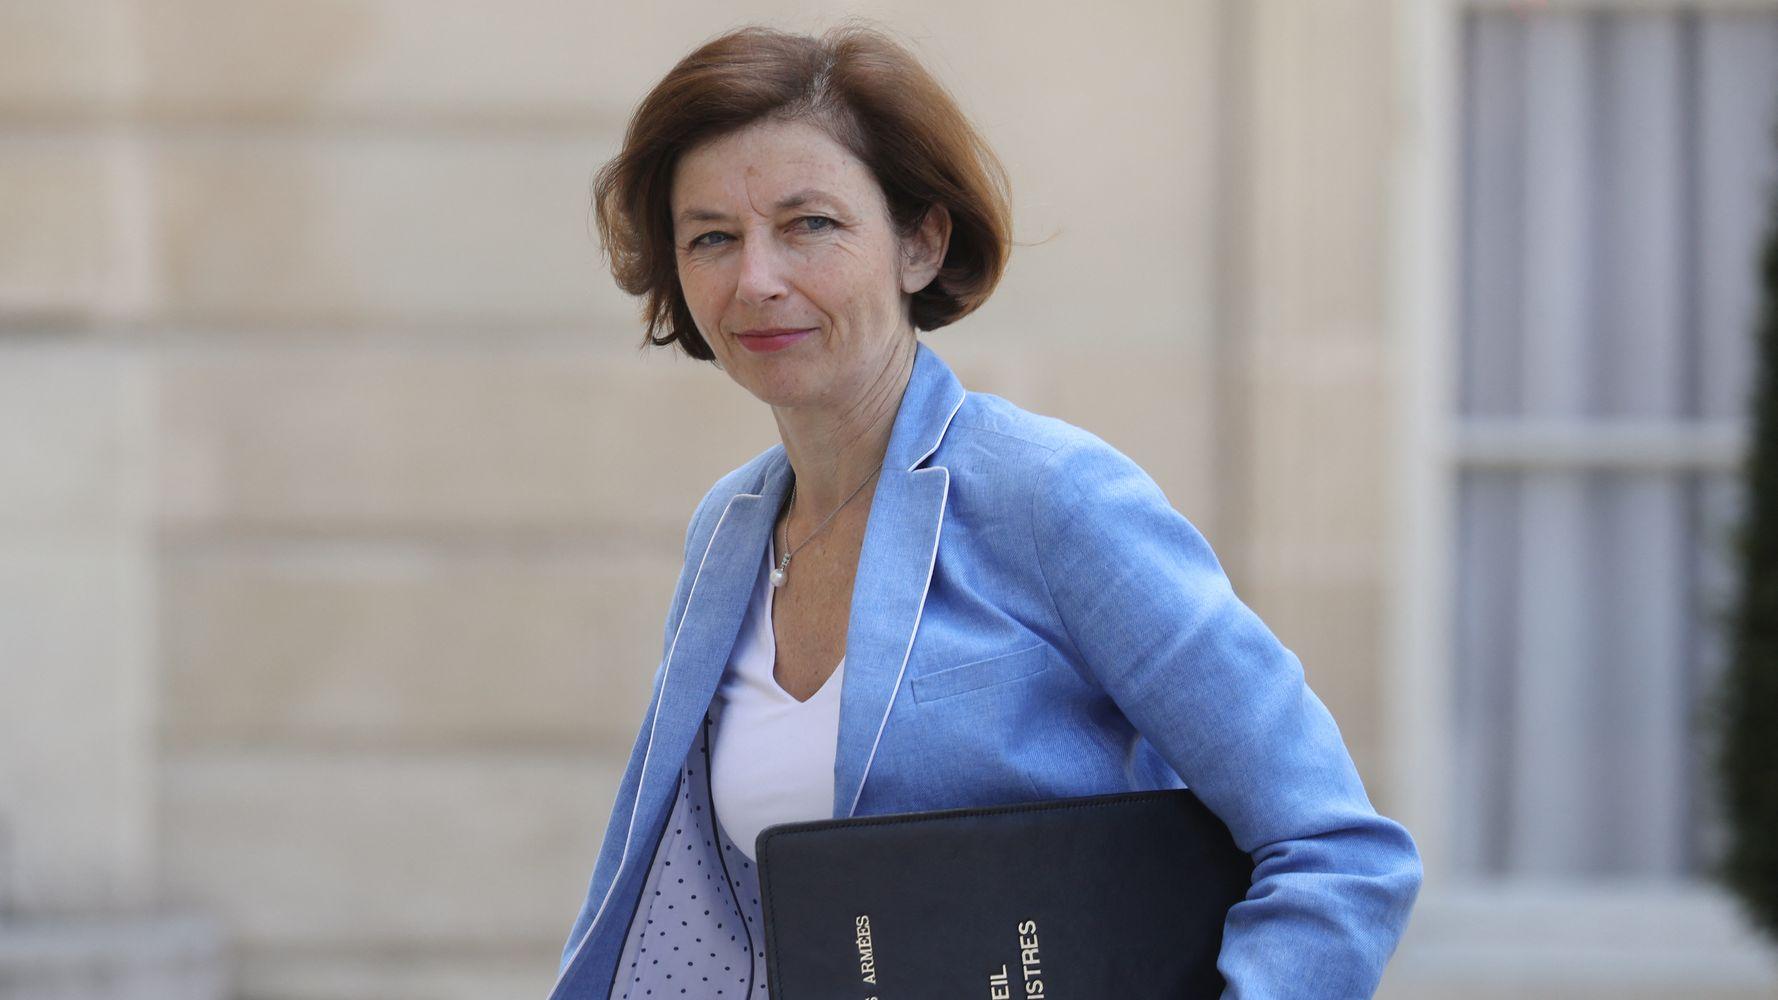 Tribune des généraux dans Valeurs Actuelles: Parly veut des sanctions, Le Pen les défend